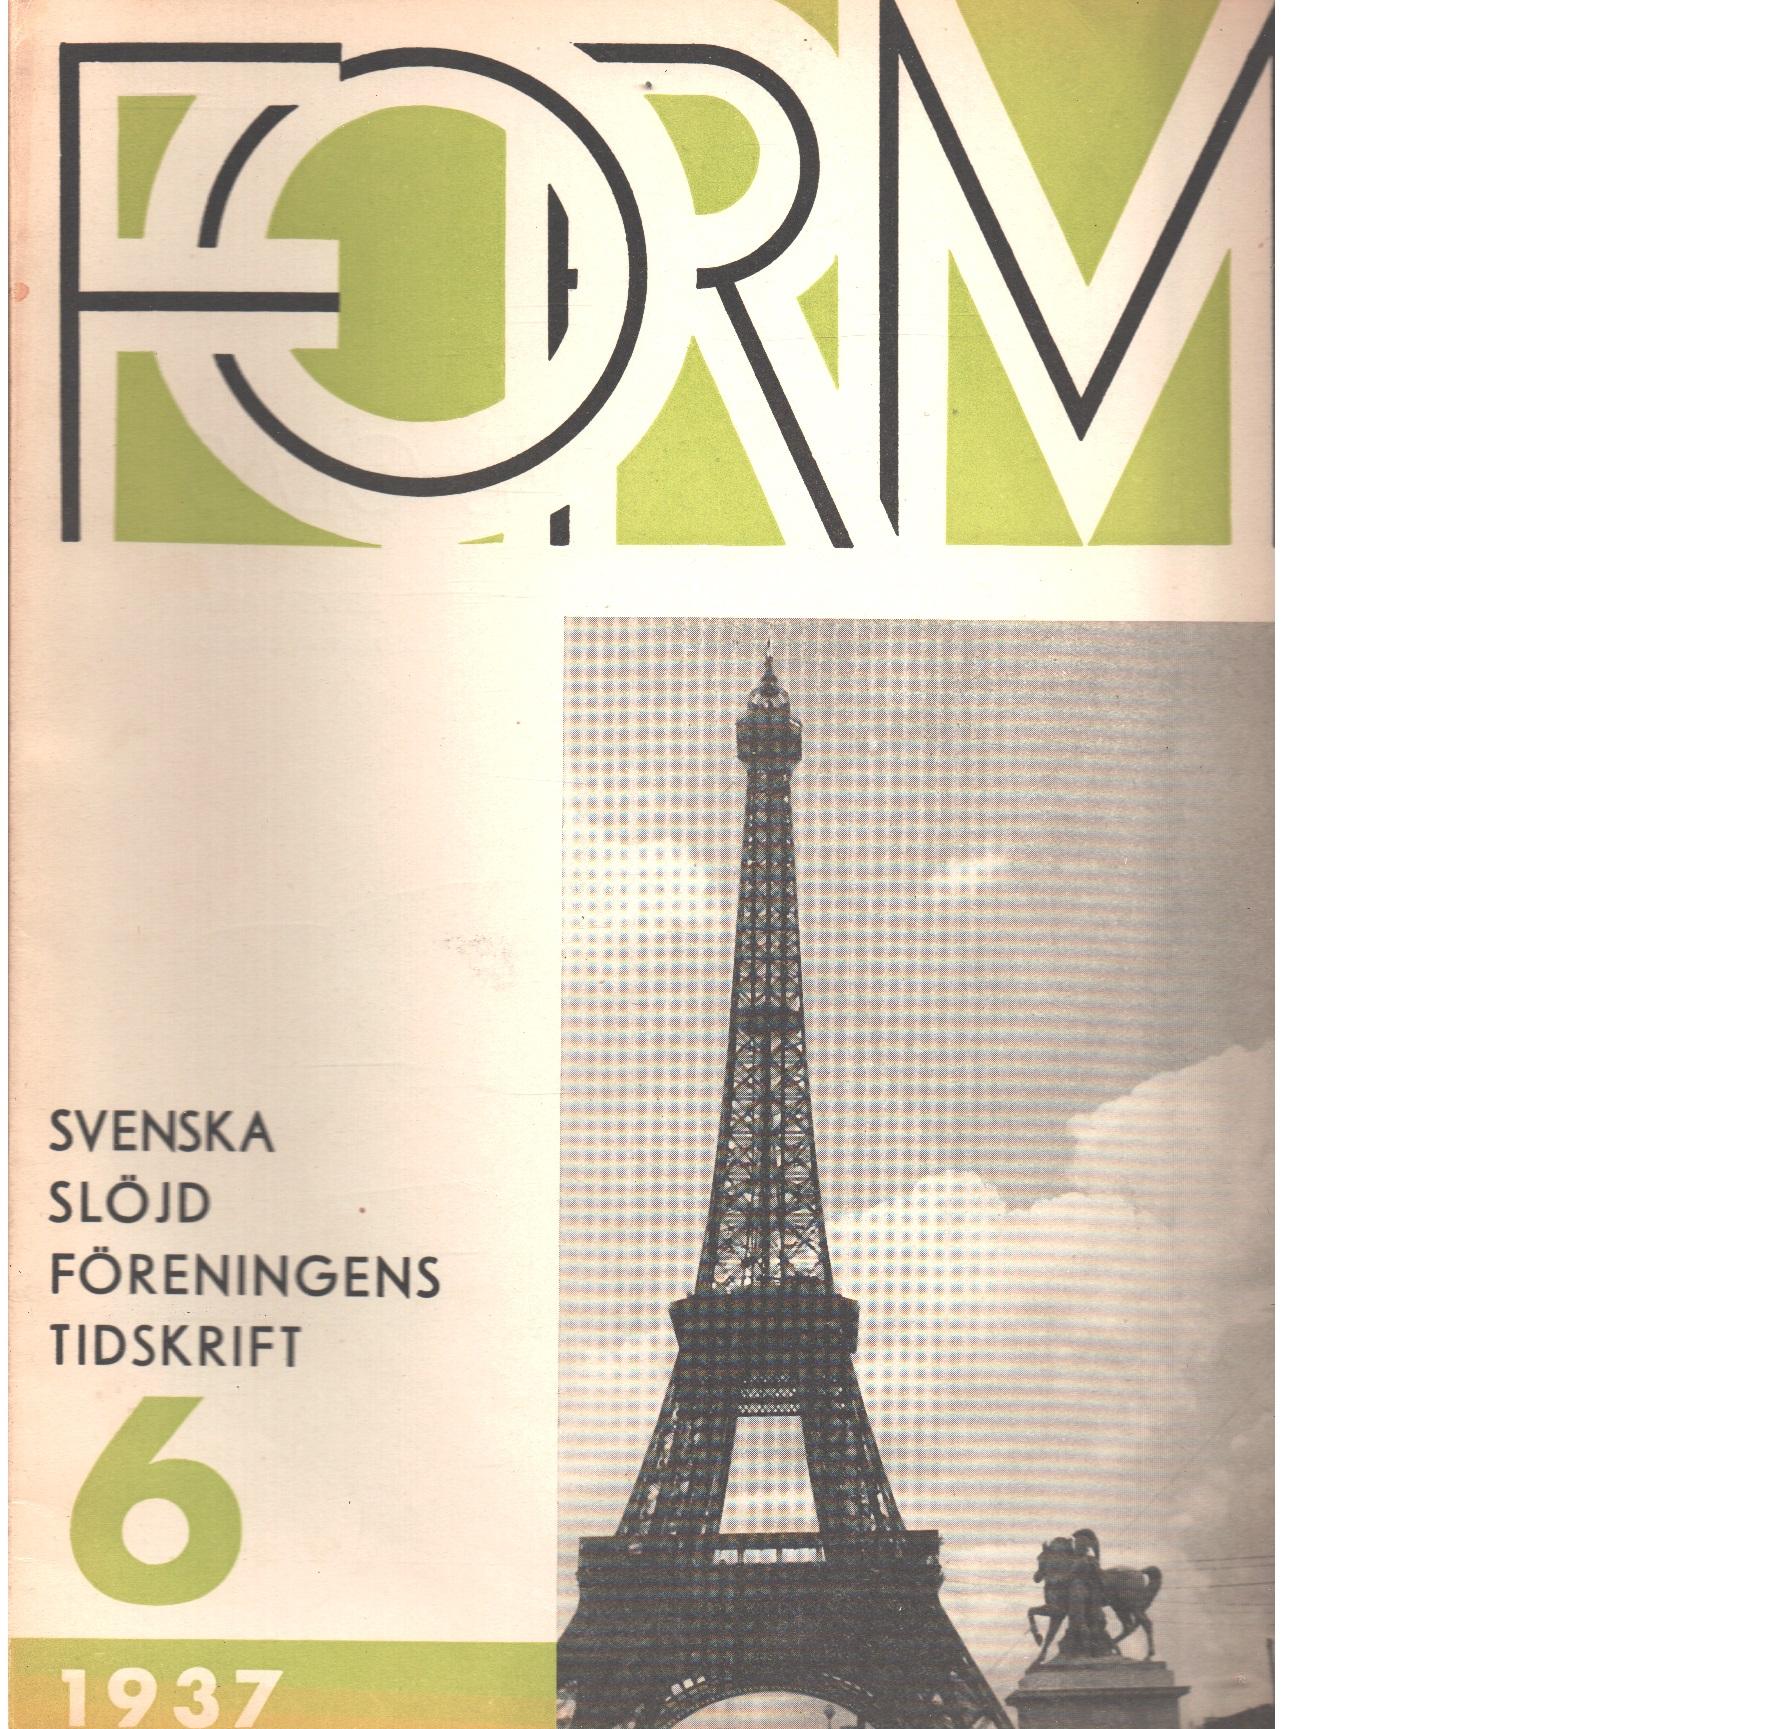 Form : Svenska slöjdföreningens tidskrift Nr 6 1937 - Red.